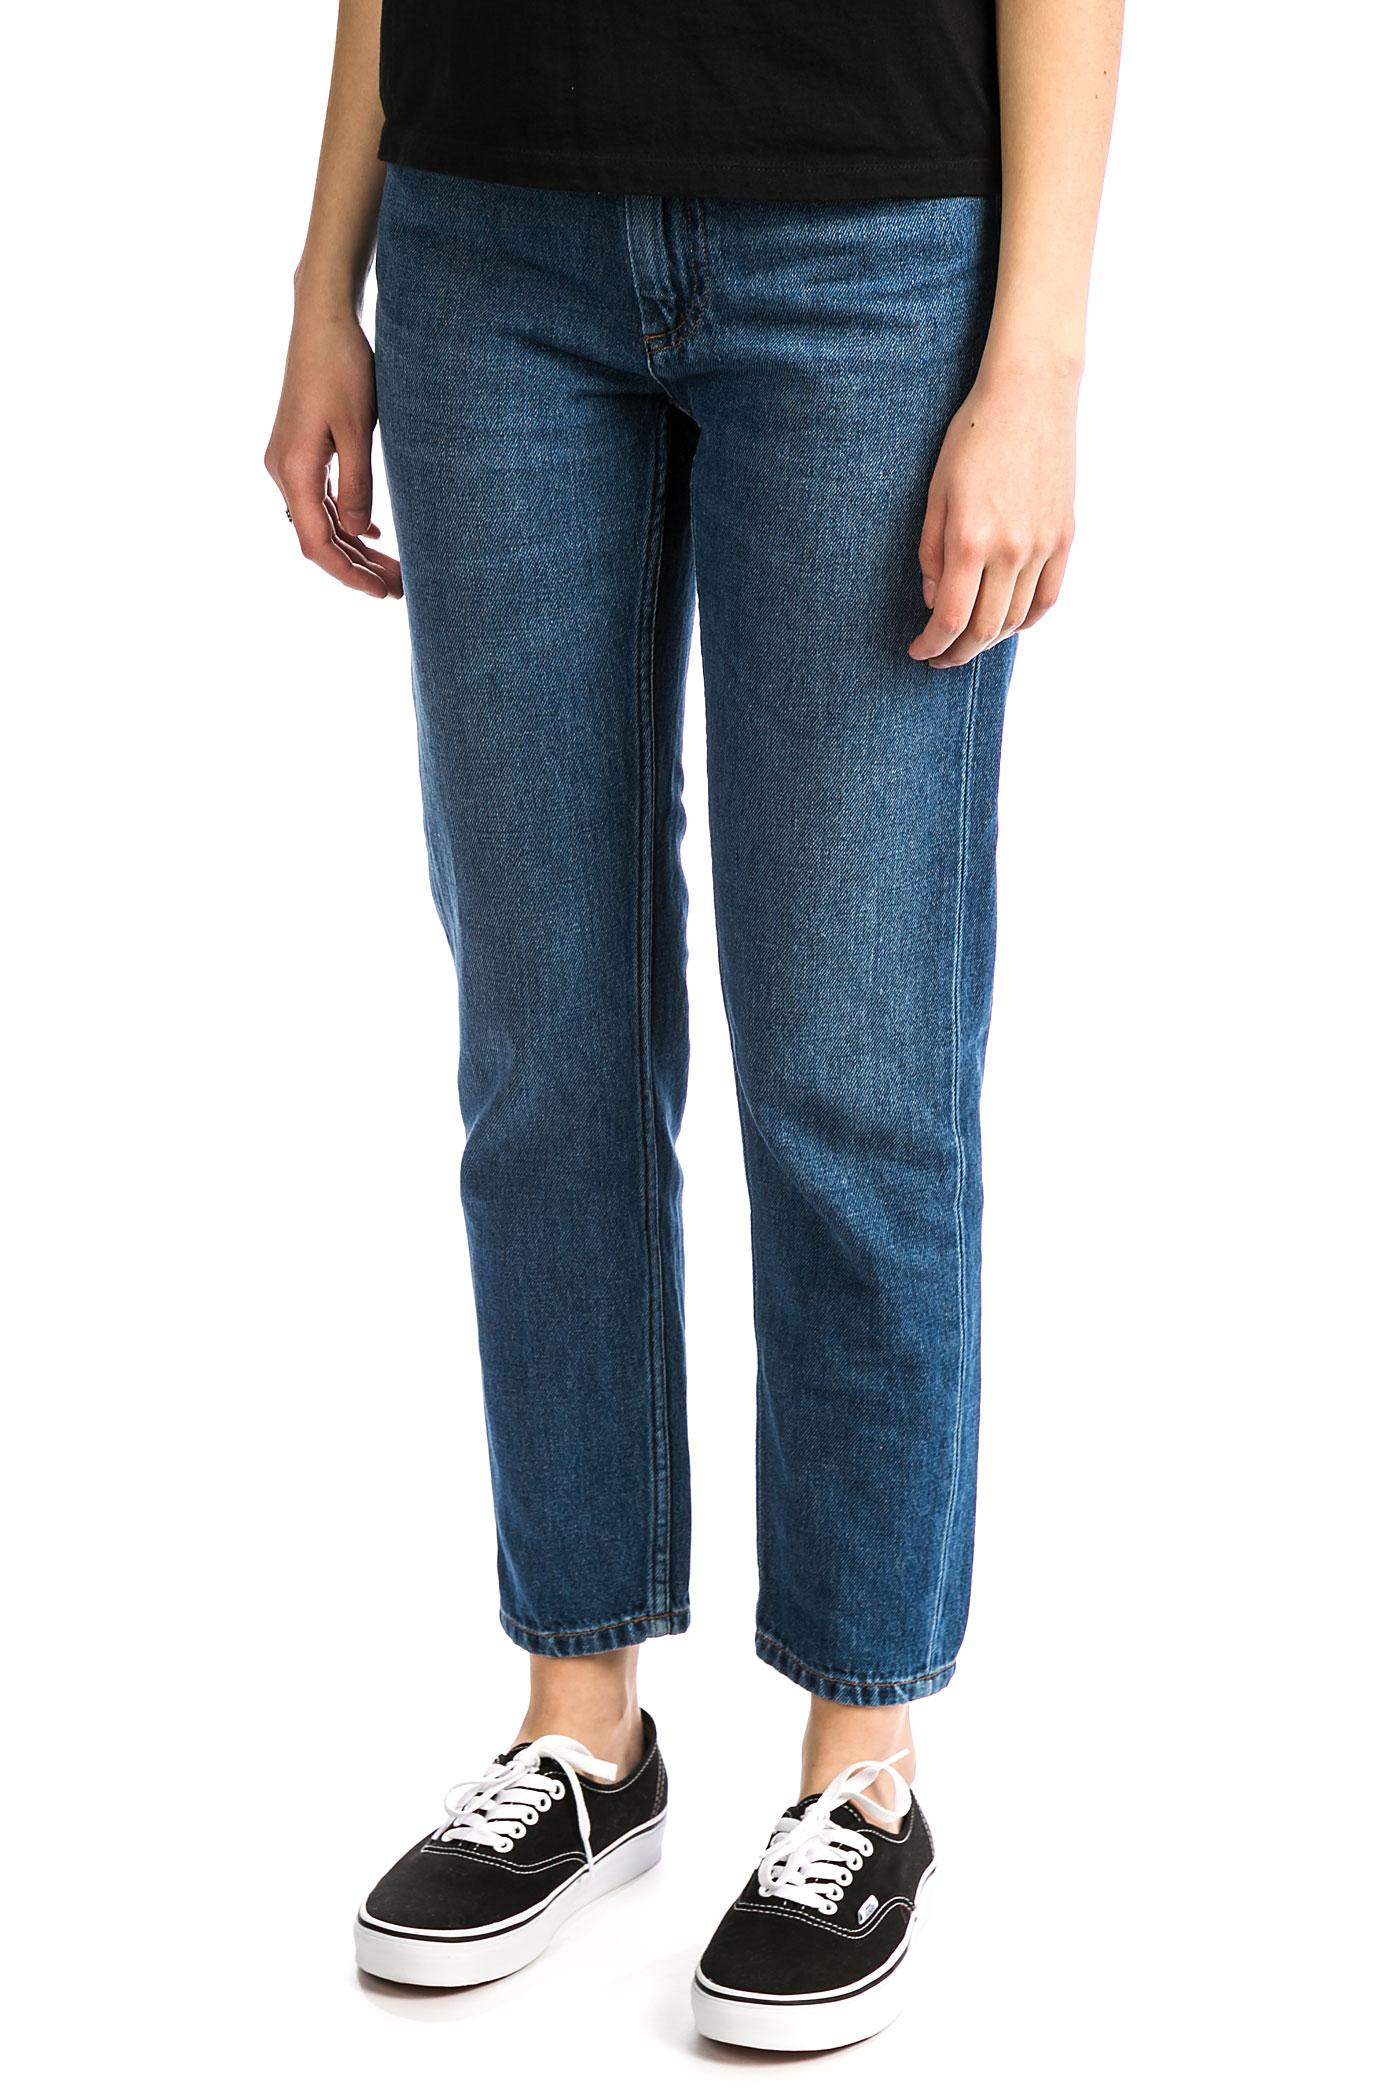 Carhartt WIP W' Page Carrot Ankle Pant Maverick Jeans women (blue dark stone washed) koop bij ...